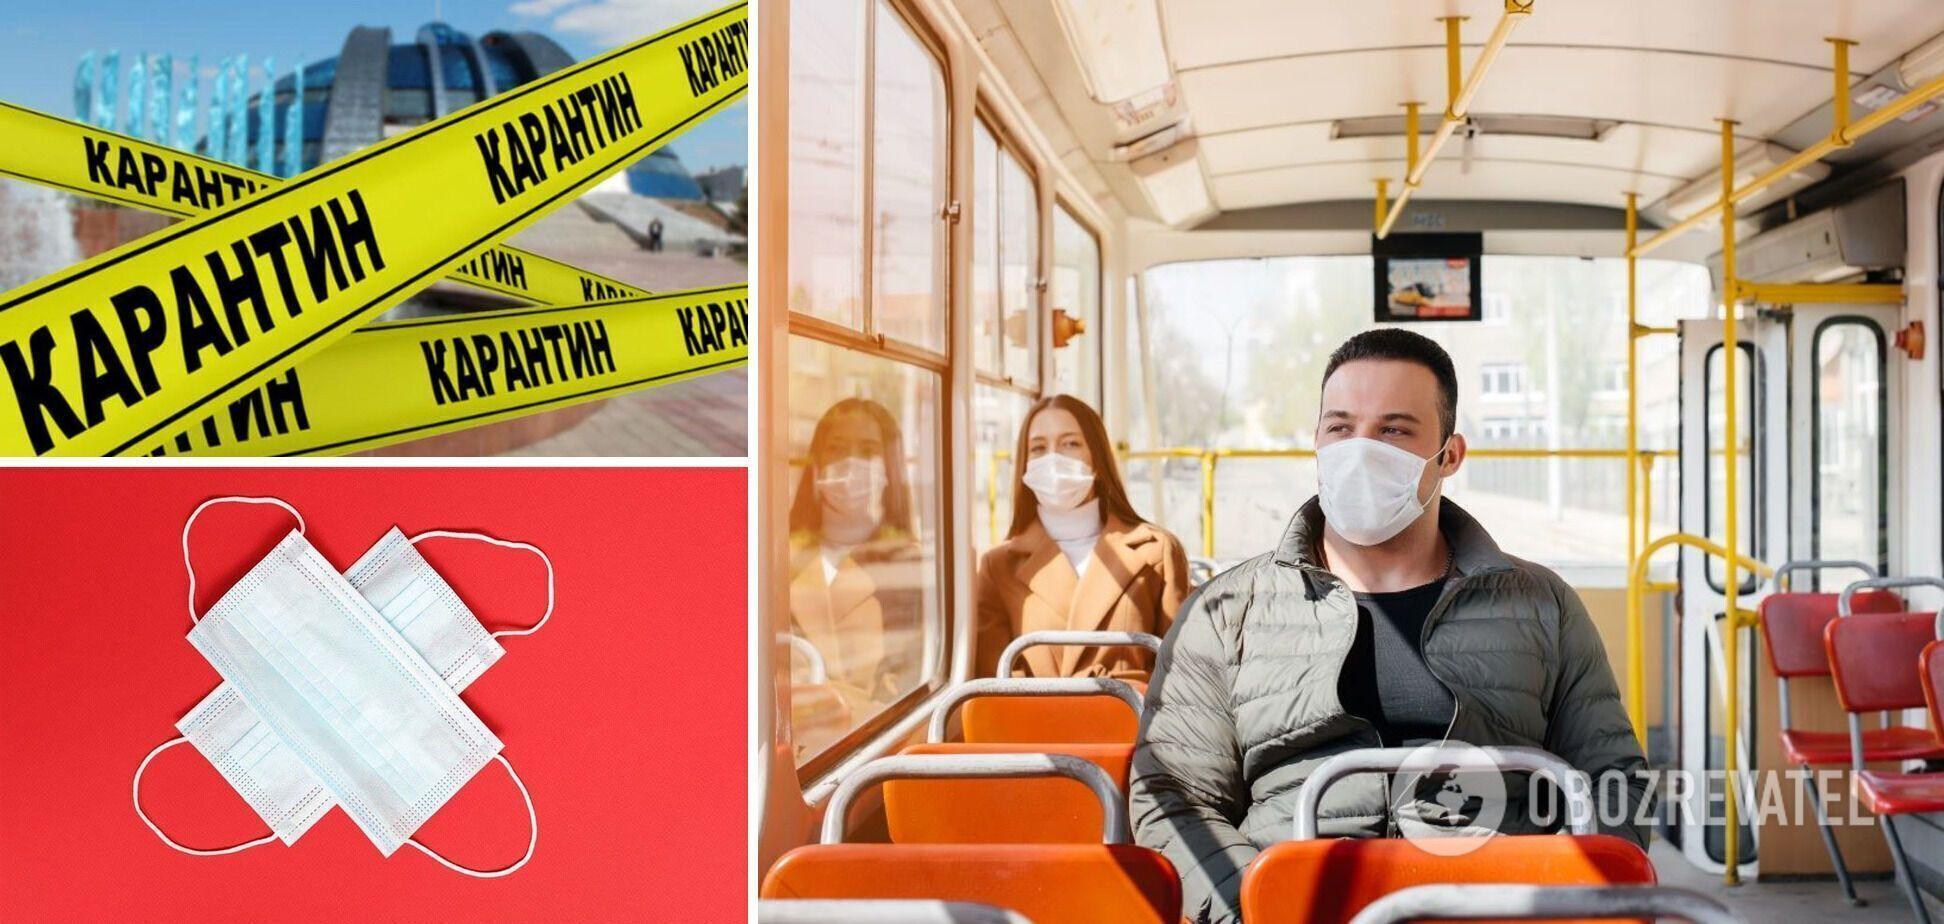 У транспорті не вимагатимуть COVID-сертифікати